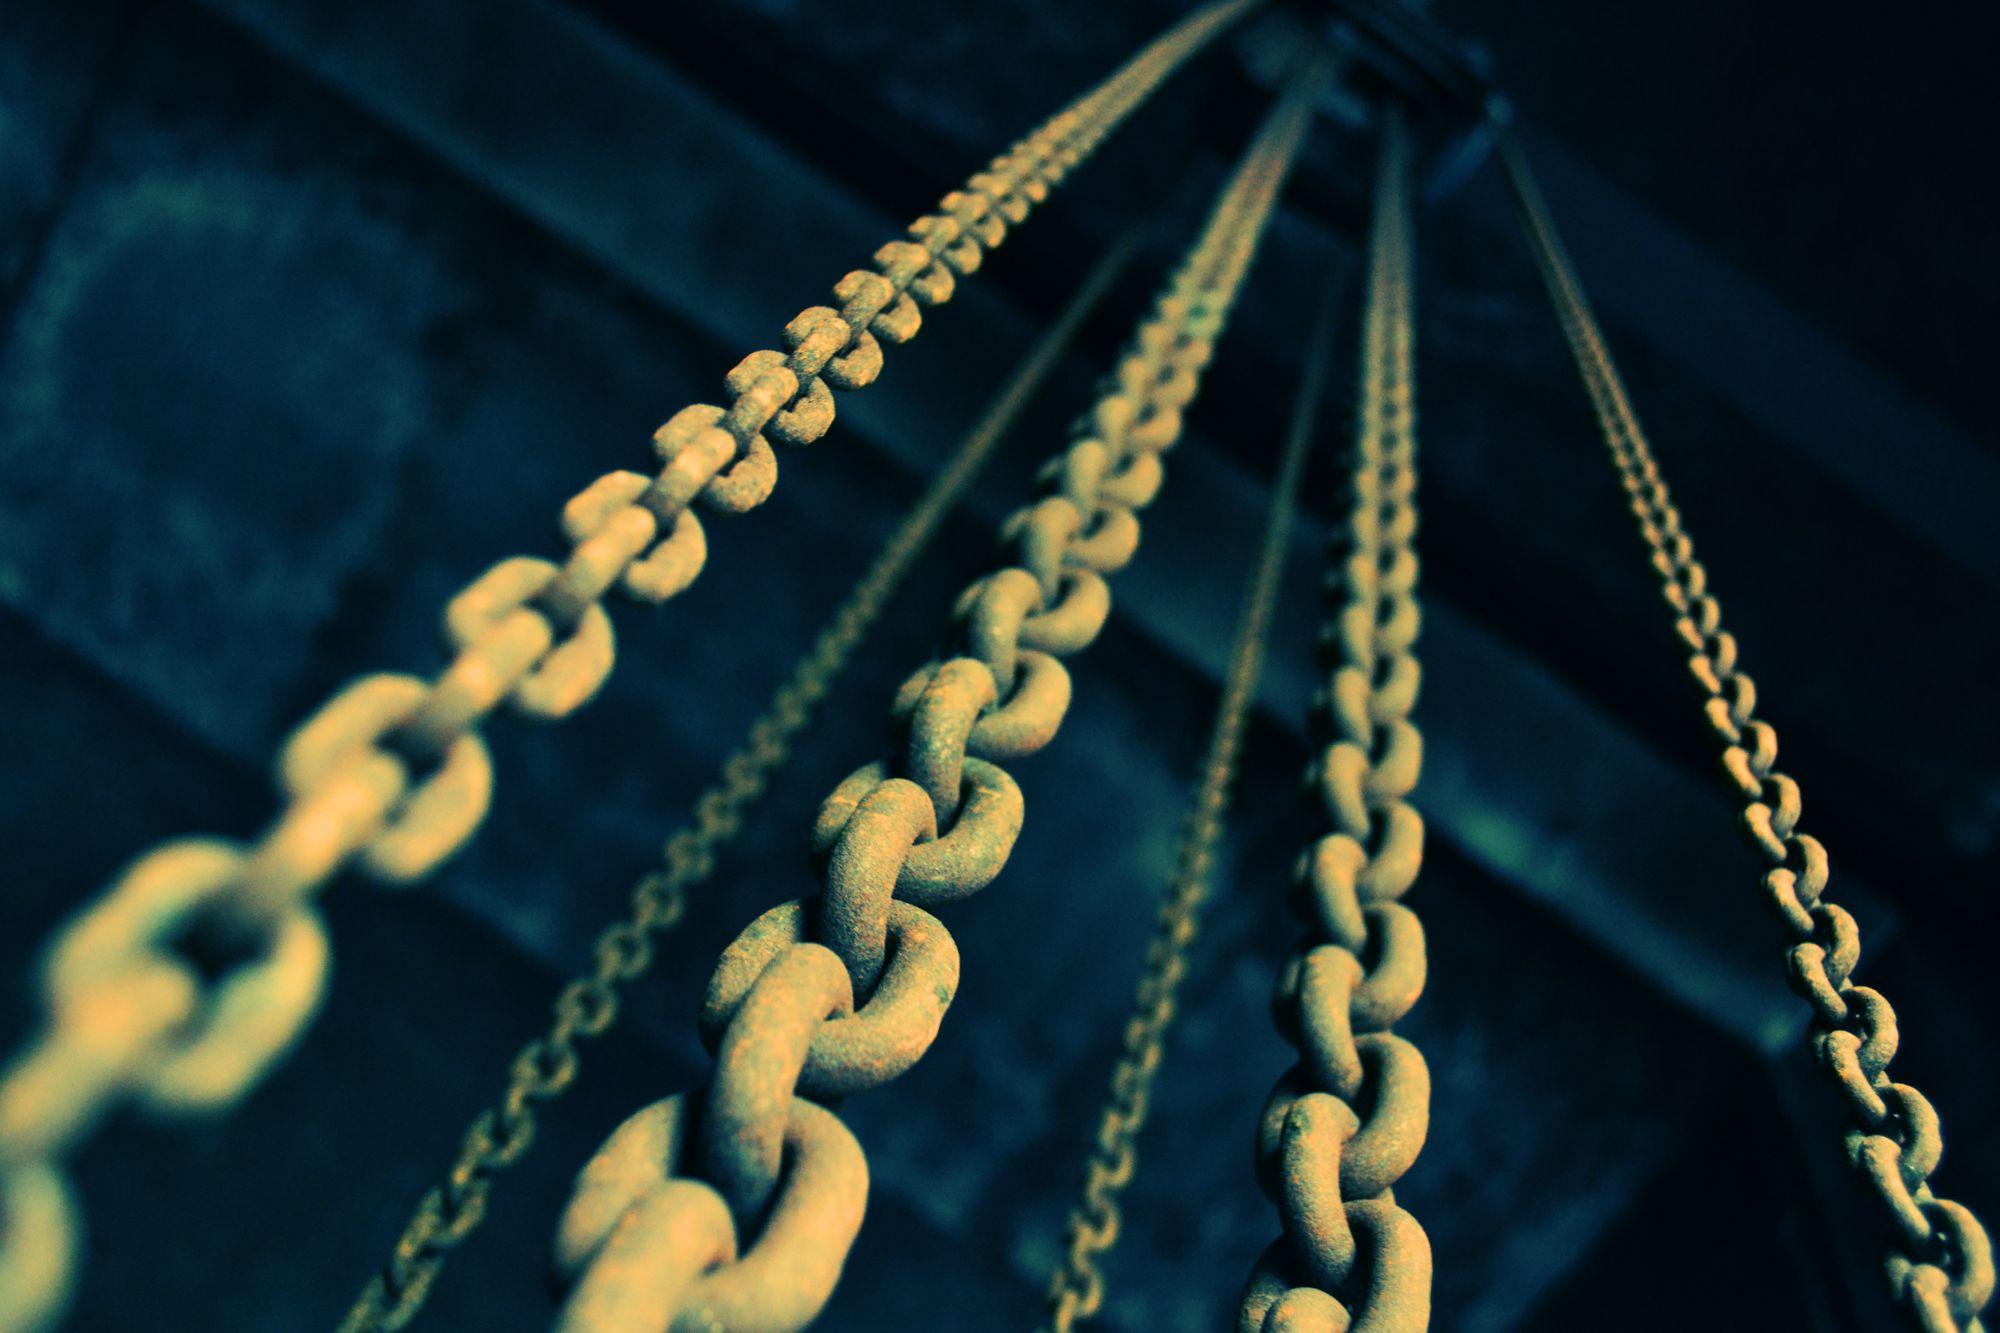 [183] 堅持到底—Don't Break the Chain, Part 3—Today app